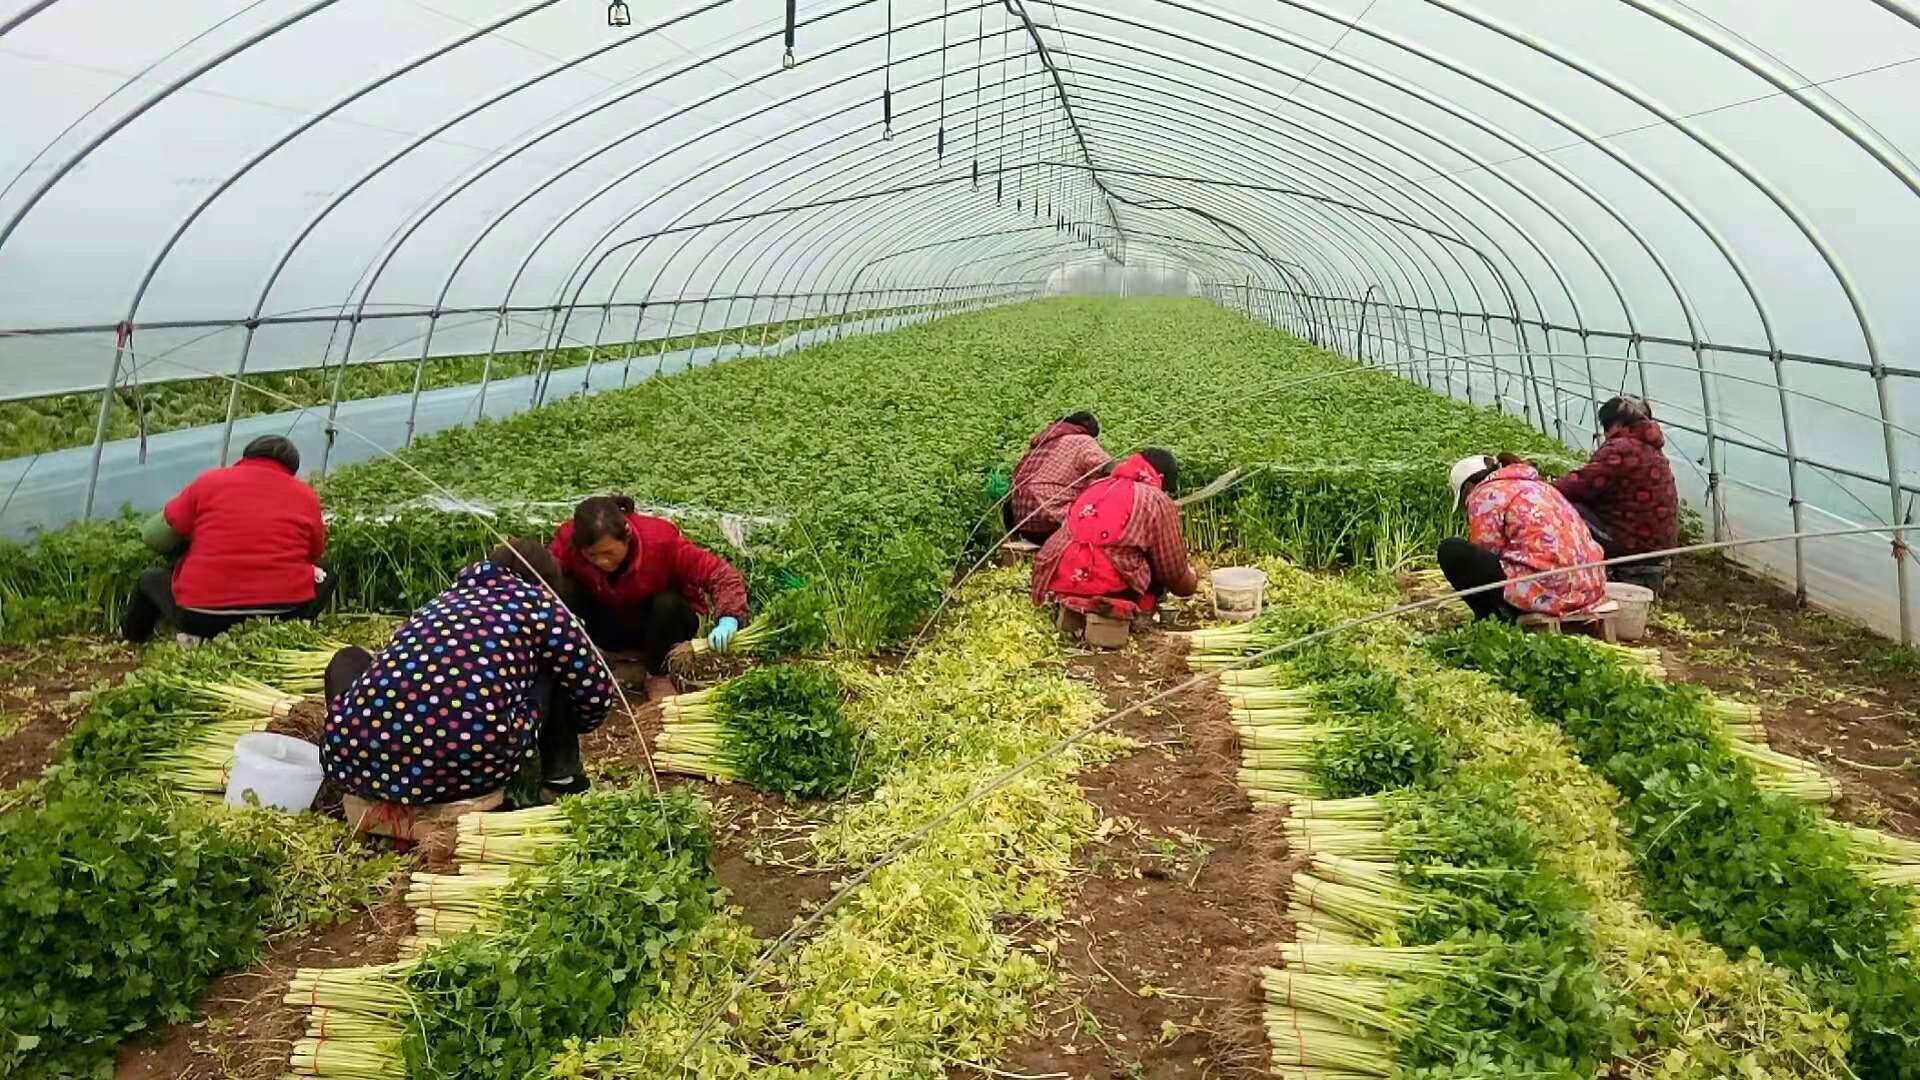 探访蚌埠五彩产业之绿:安徽财经大学学子走进怀远县耕龙种植专业合作社